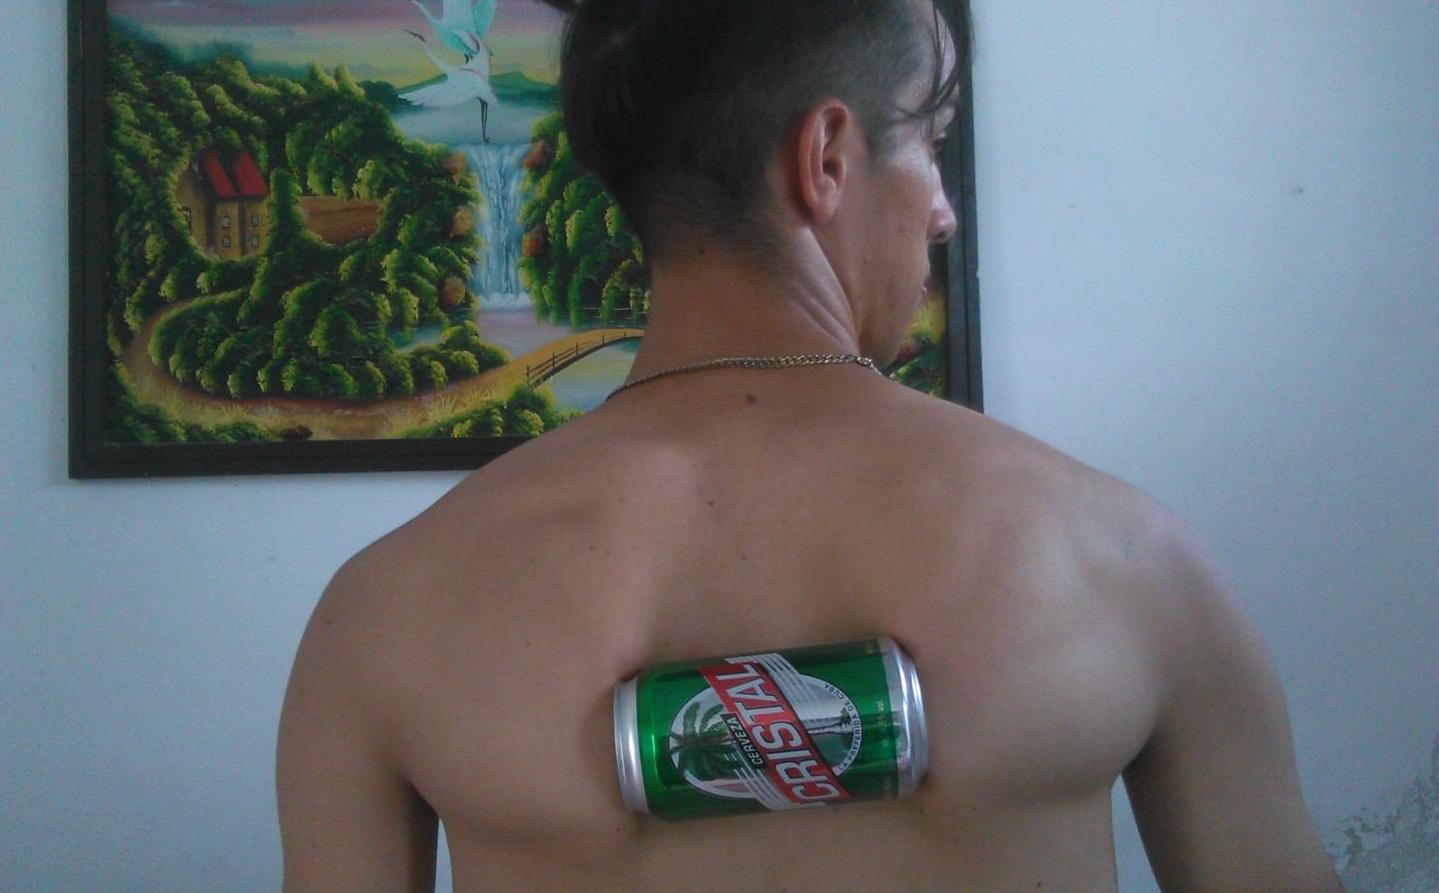 Este joven de Cuba puede aplastar latas de cerveza... ¡con sus omóplatos!